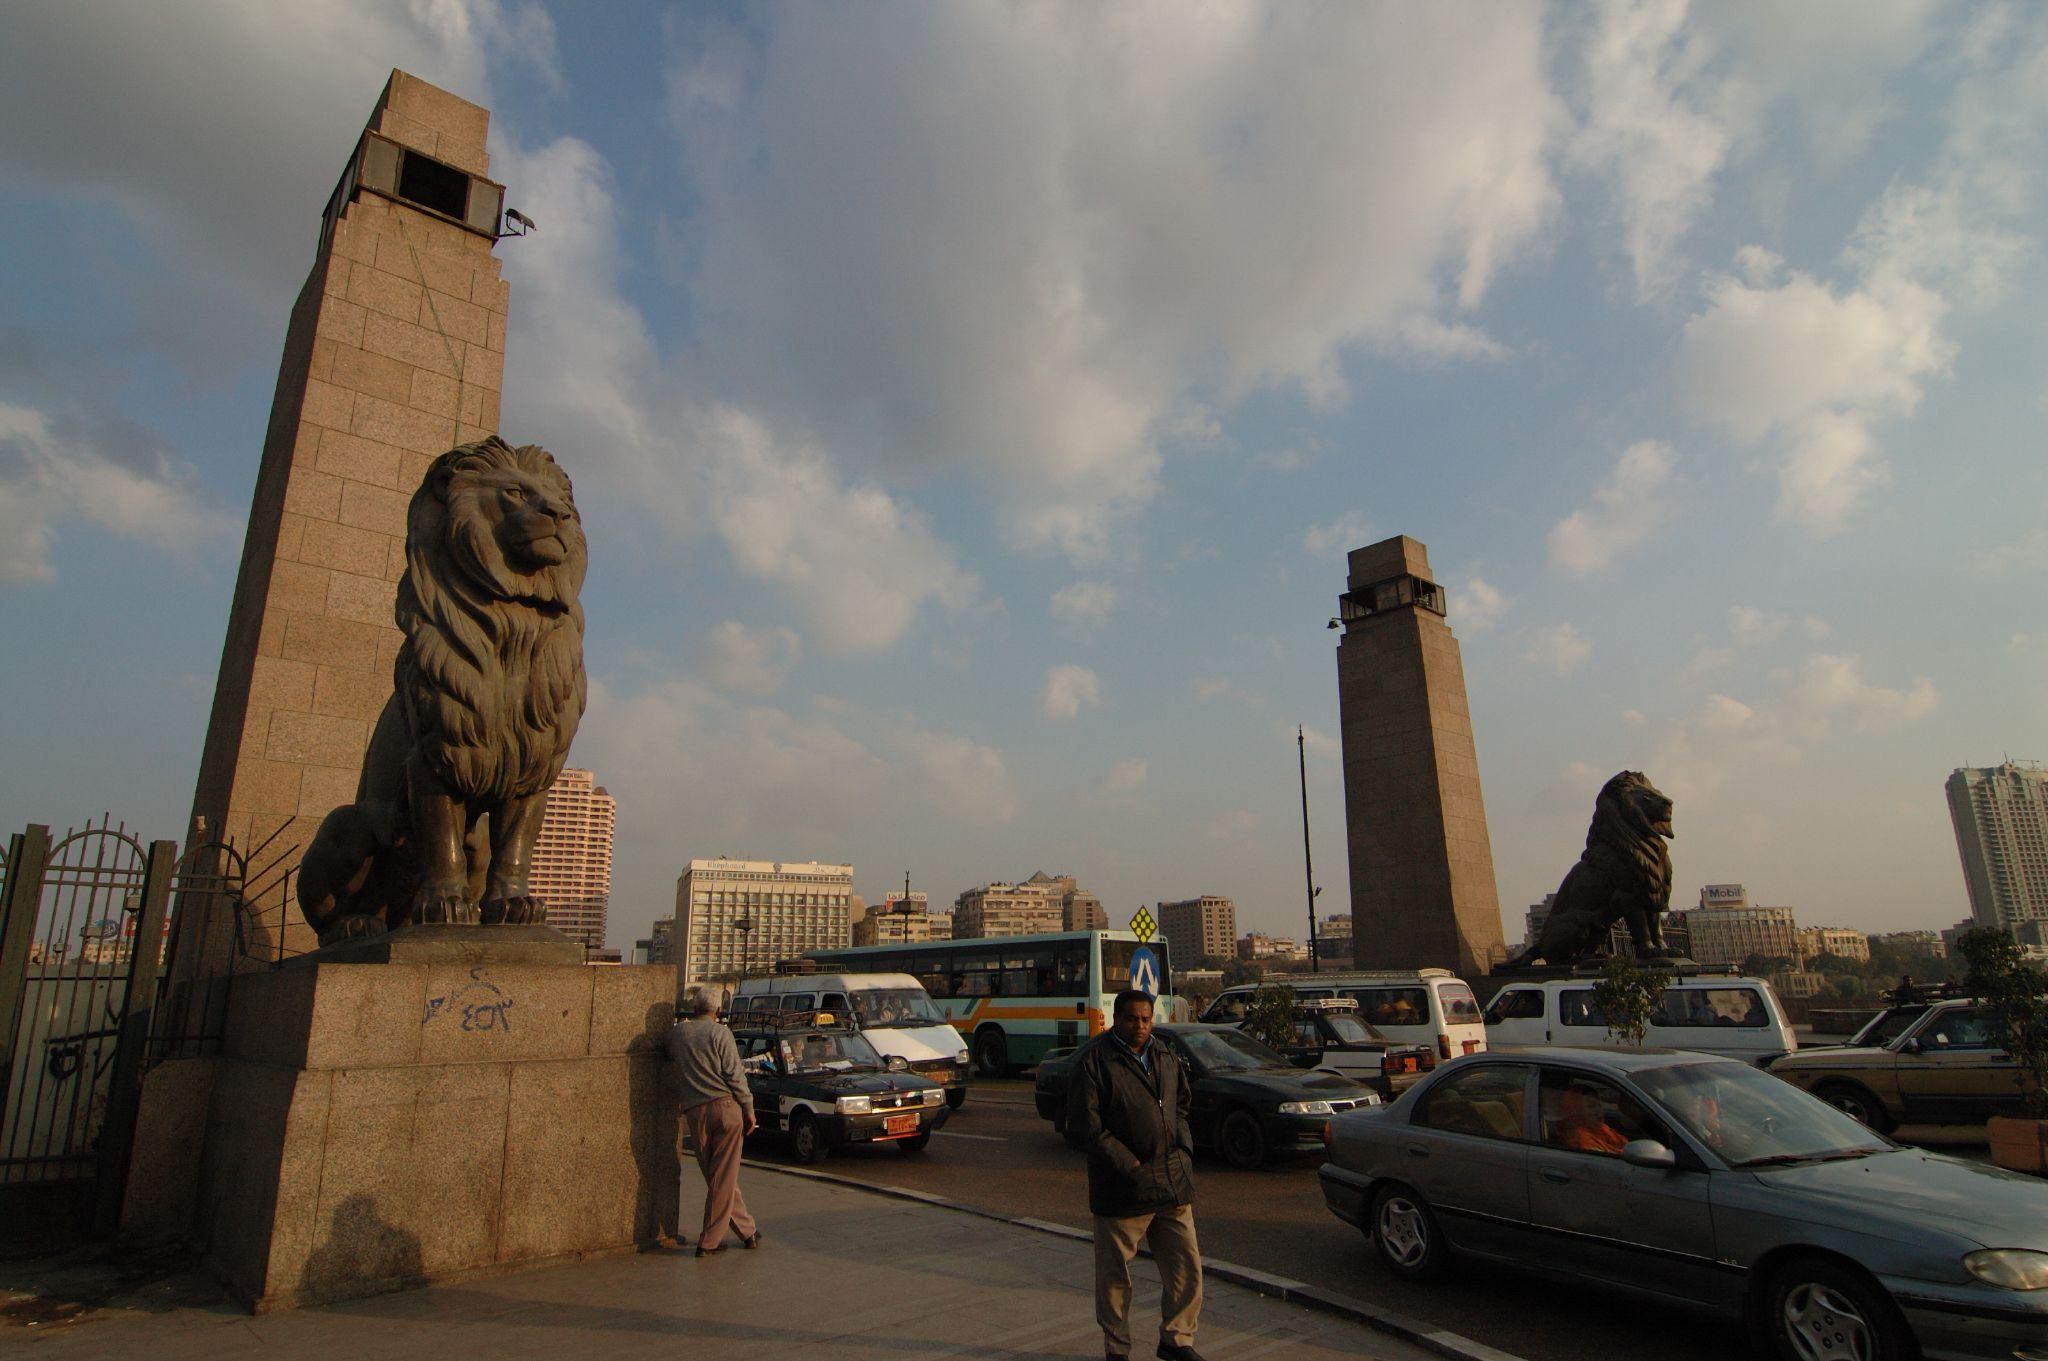 """شاهد.. ظهور أعلام تركيا وقطر على كوبري """"قصر النيل"""" يثير حالة من الجدل"""